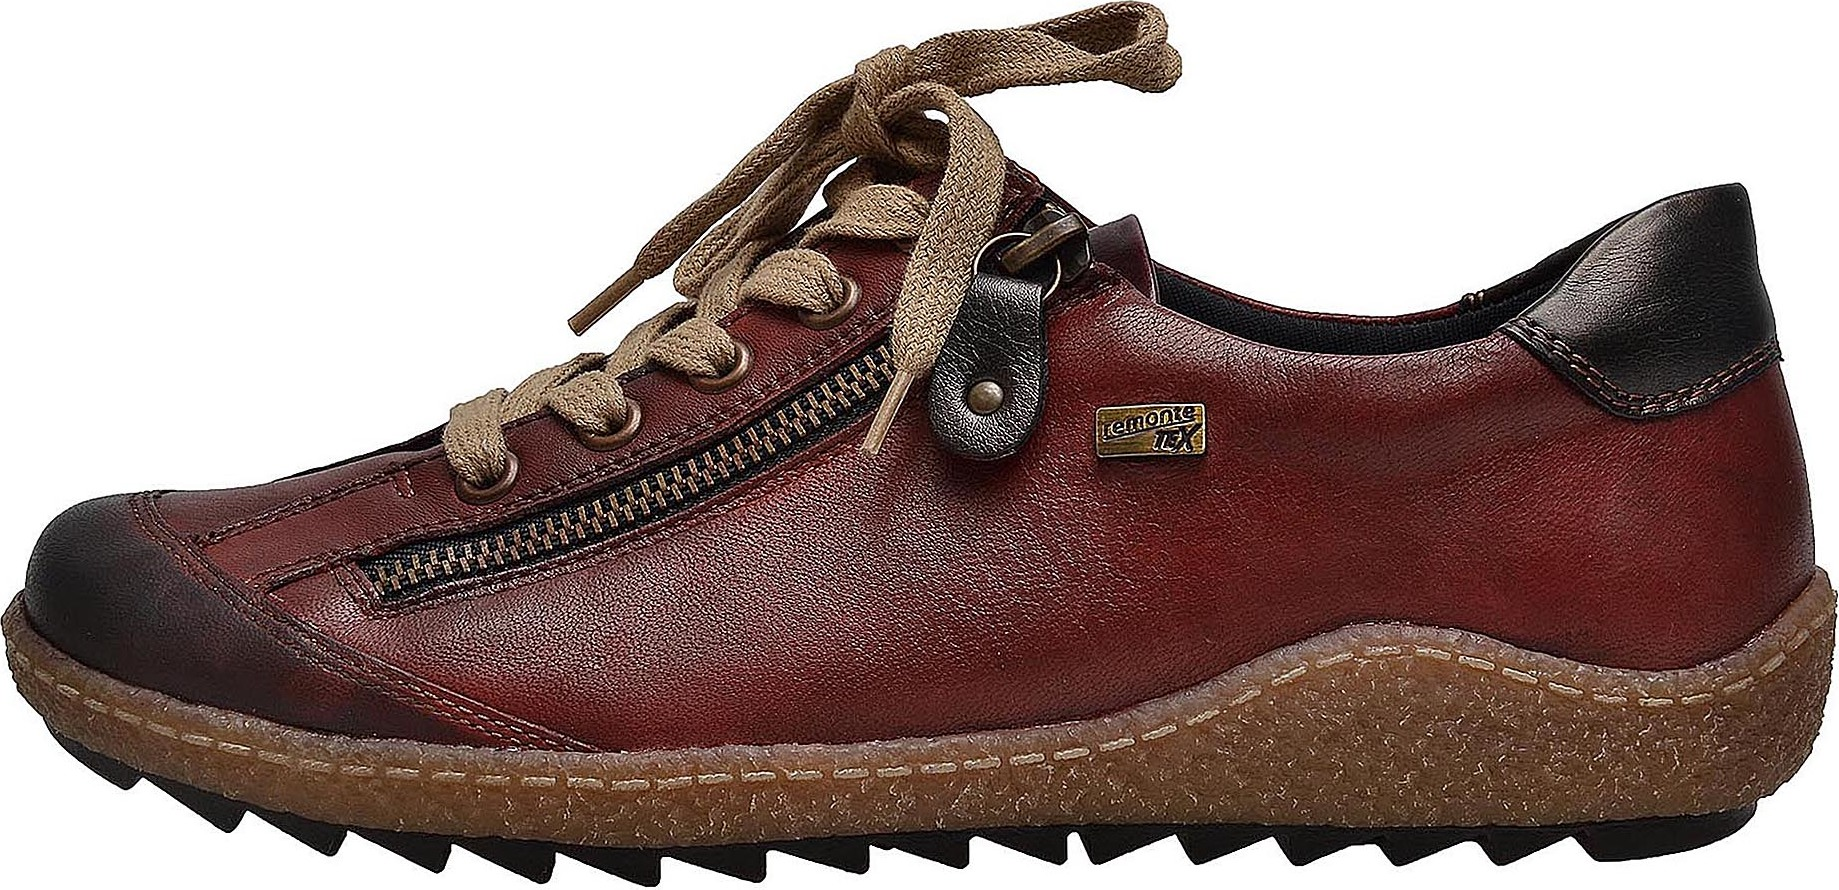 08a1a4b495 Dámská obuv RIEKER R4703 35 ROT KOMBI H W 8 – Rieker Antistress